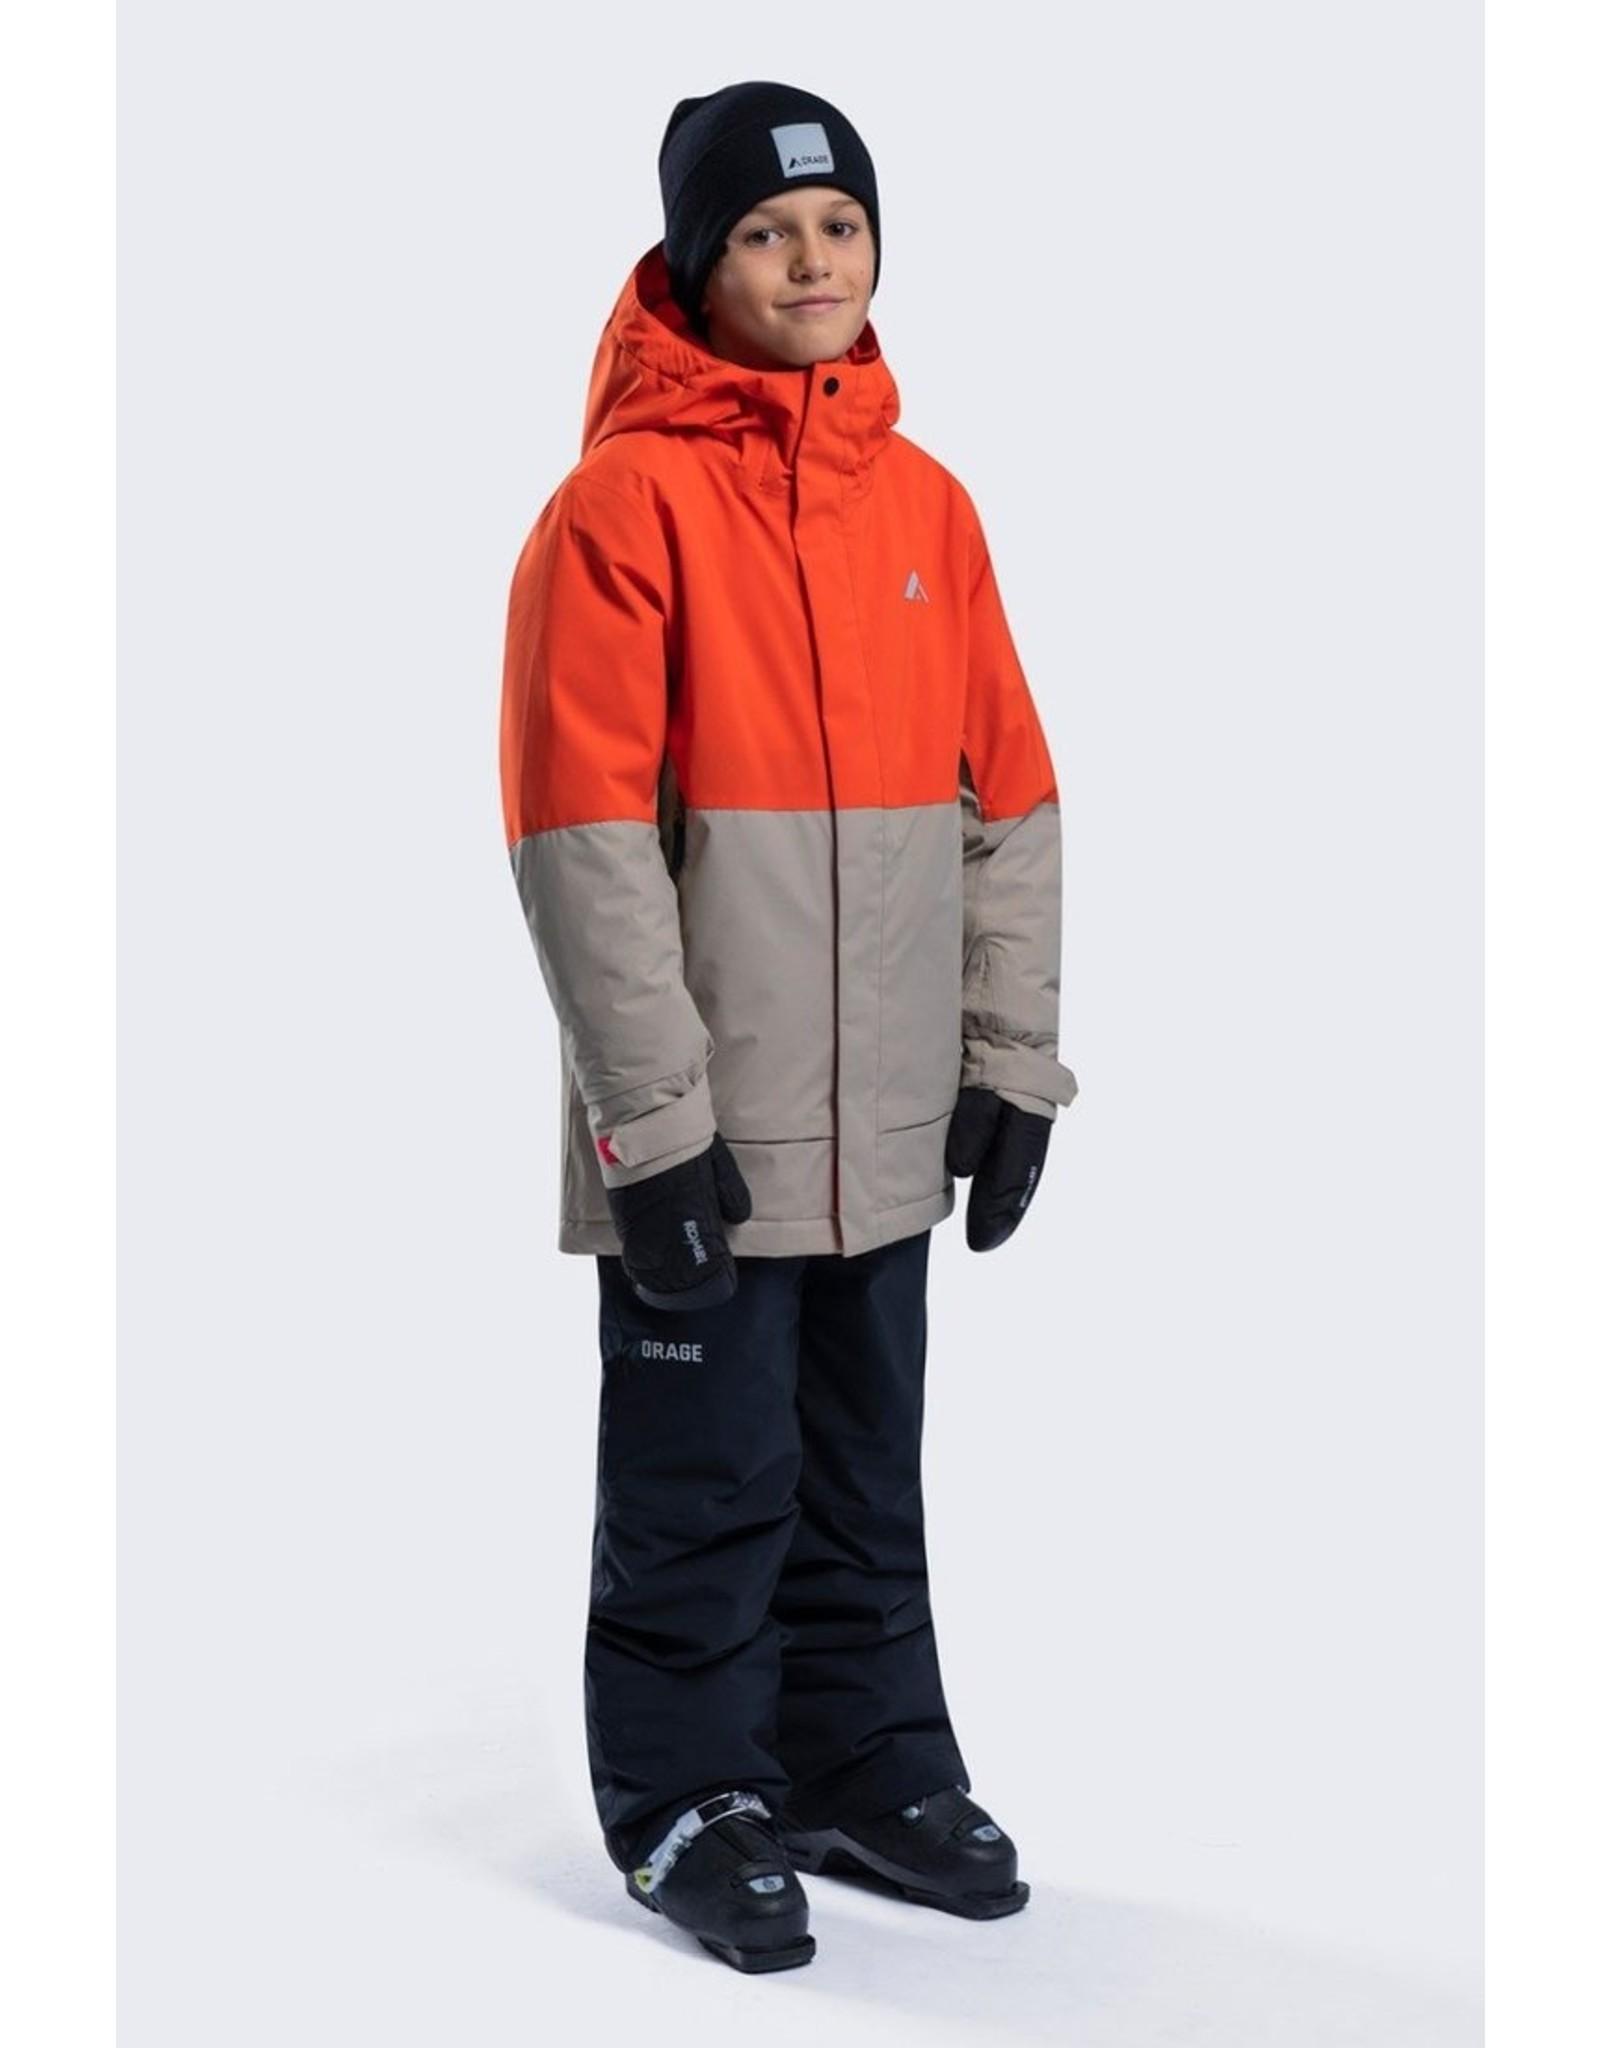 Orage Slope Jacket 2021 - F31004